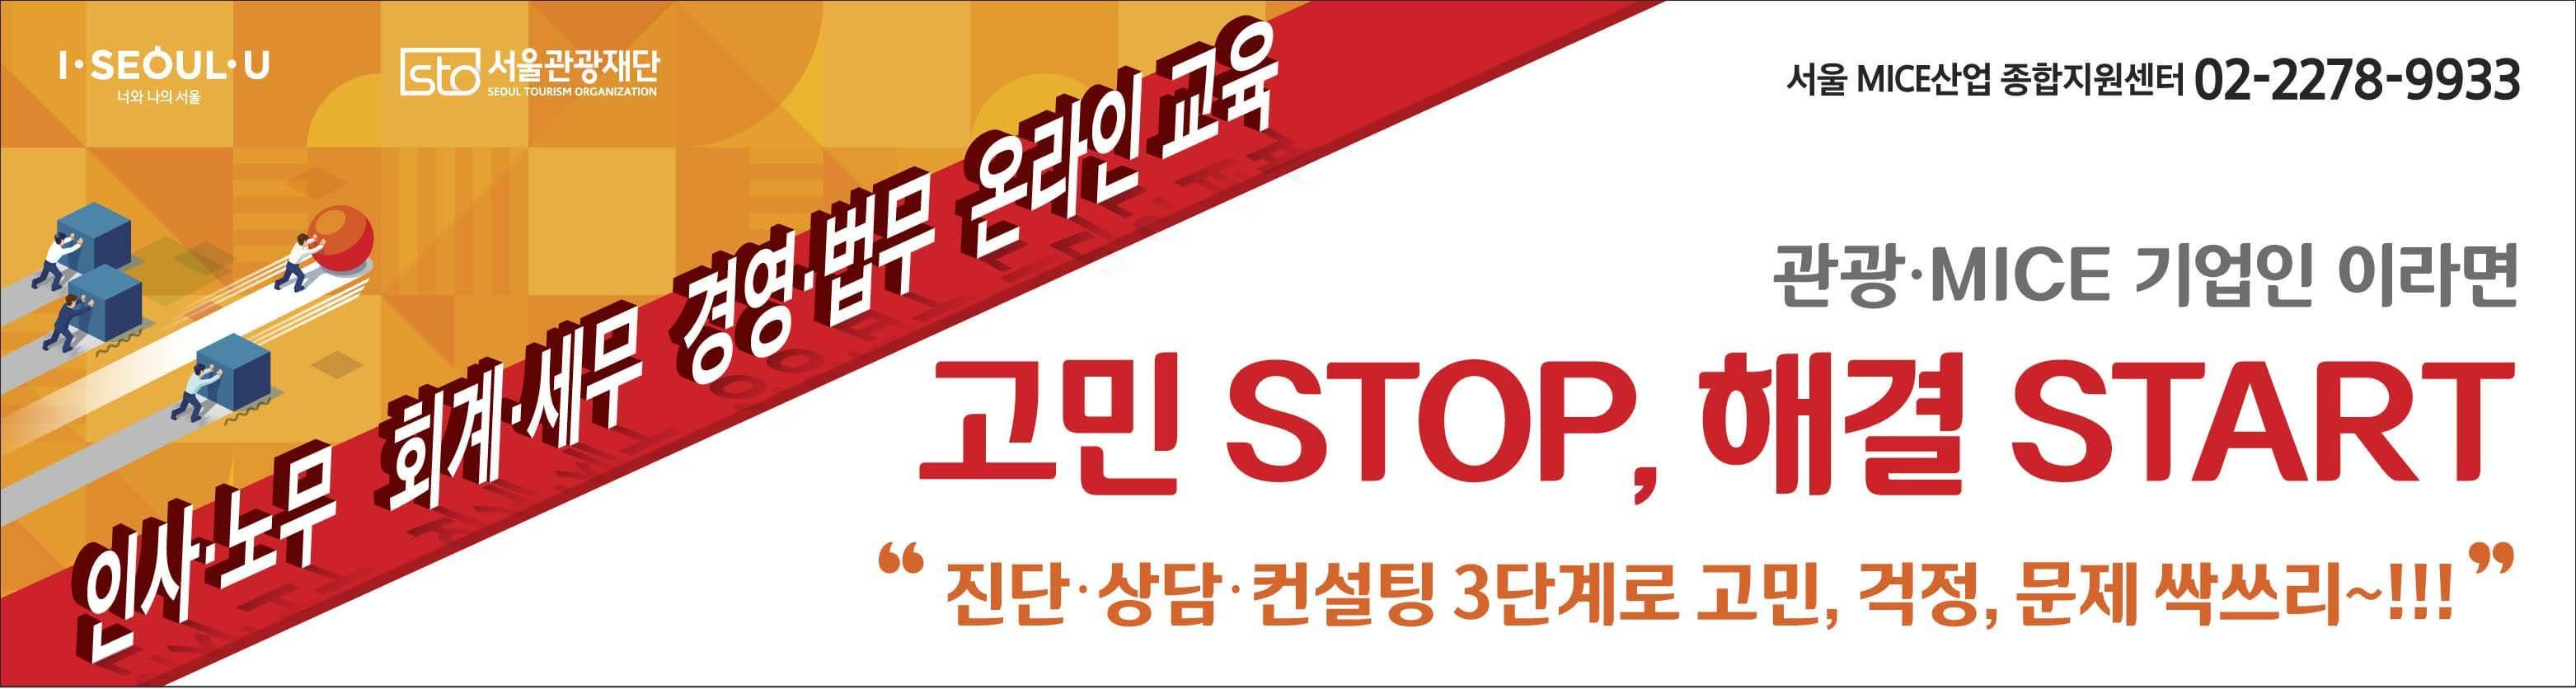 서울MICE산업 종합지원센터